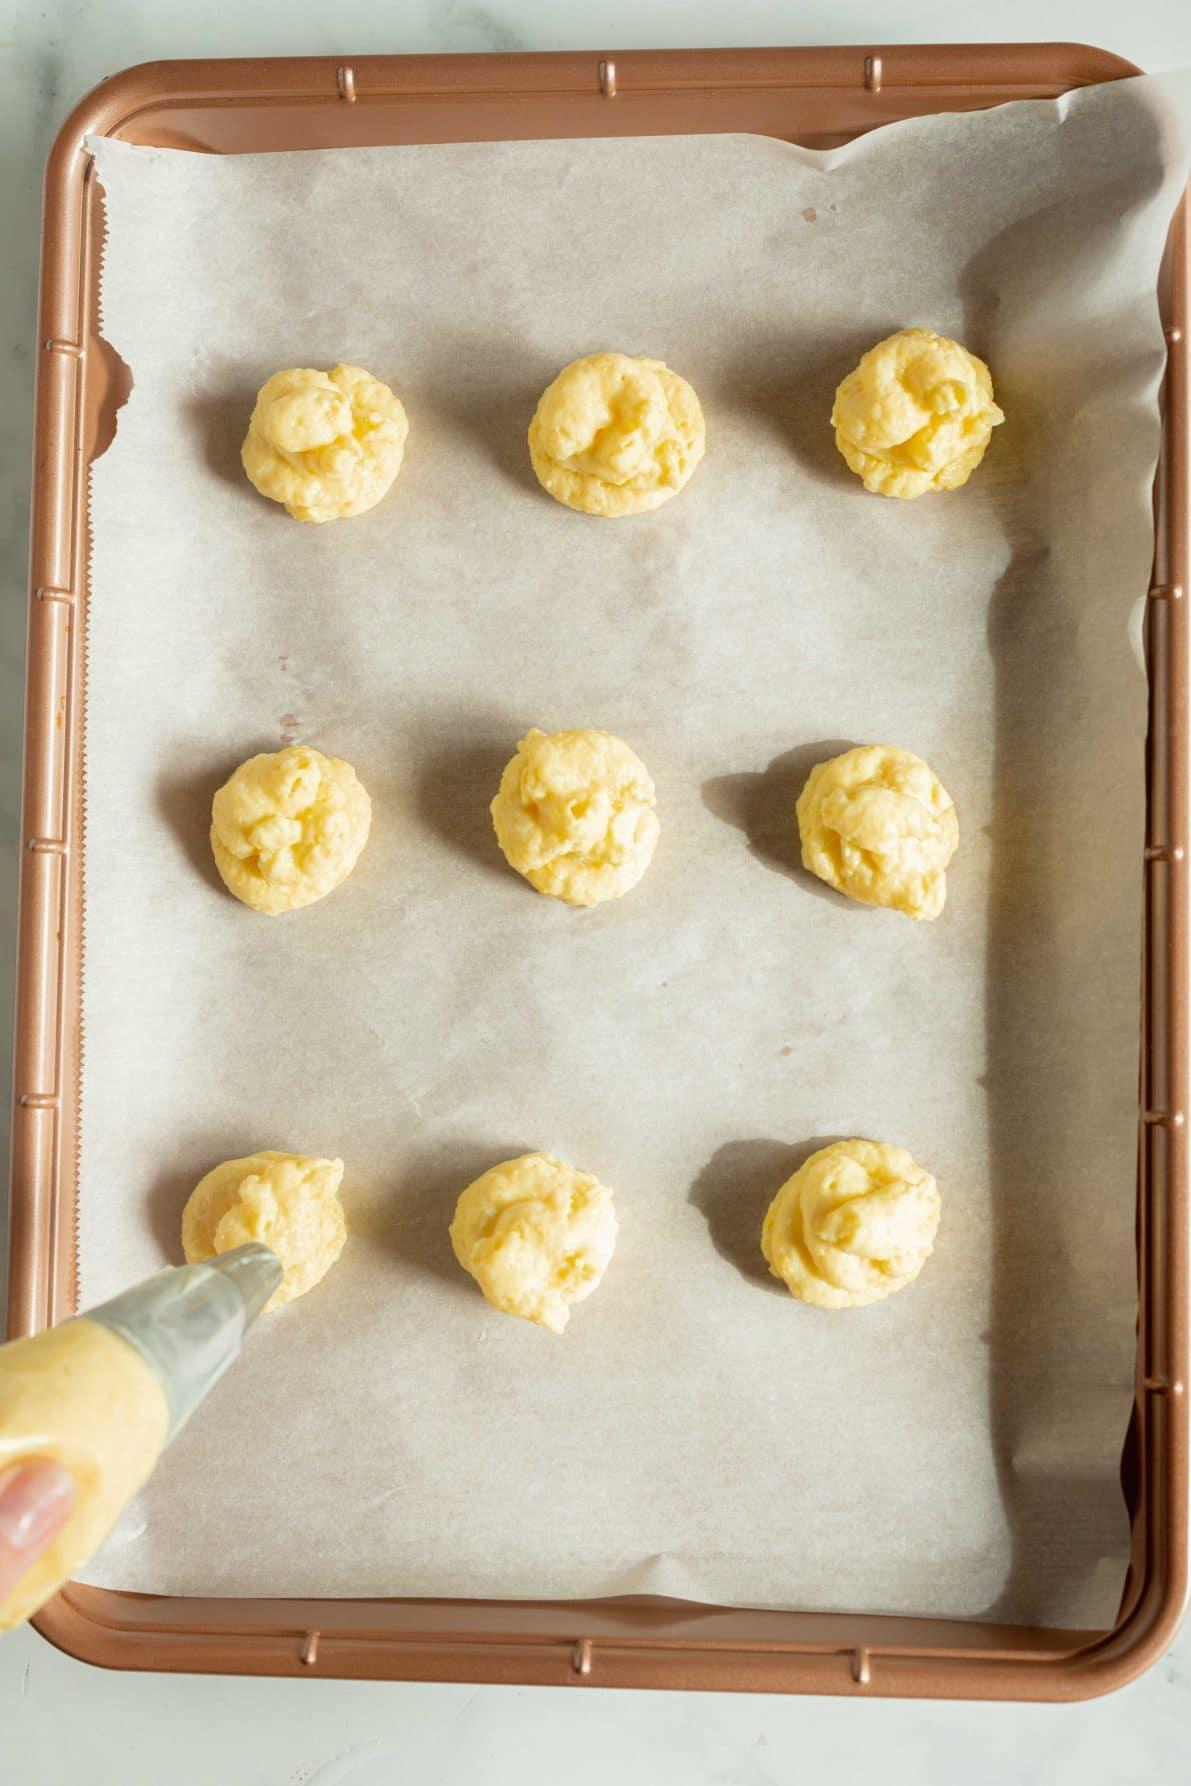 Dollops of custard mochi on a cookie sheet.